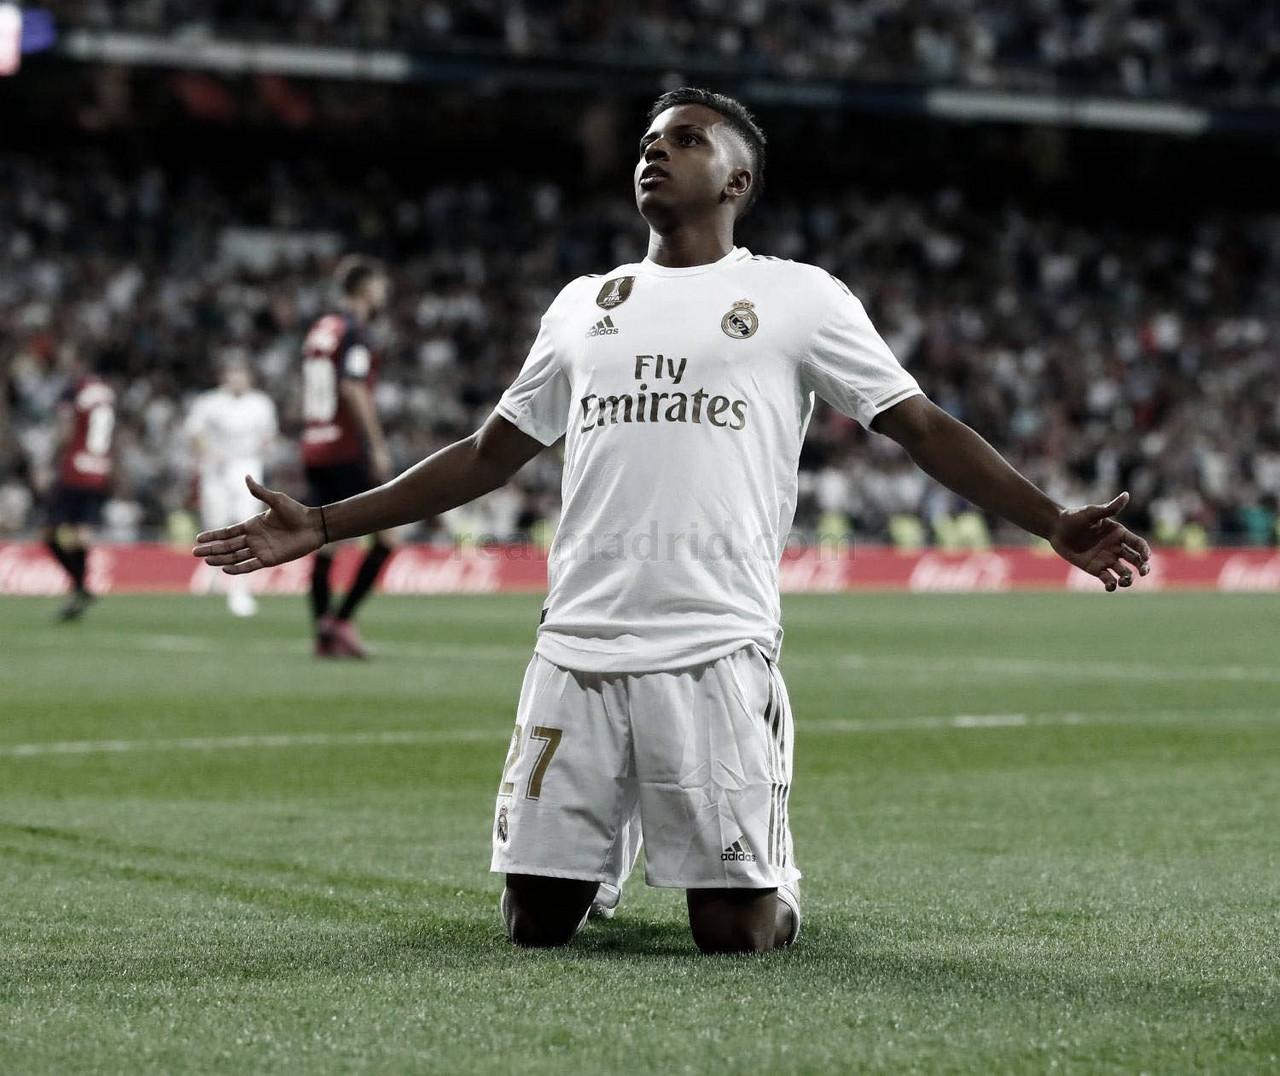 """Rodrygo Goes: """"Mi gran sueño era jugar aquí, siempre veía los partidos"""""""